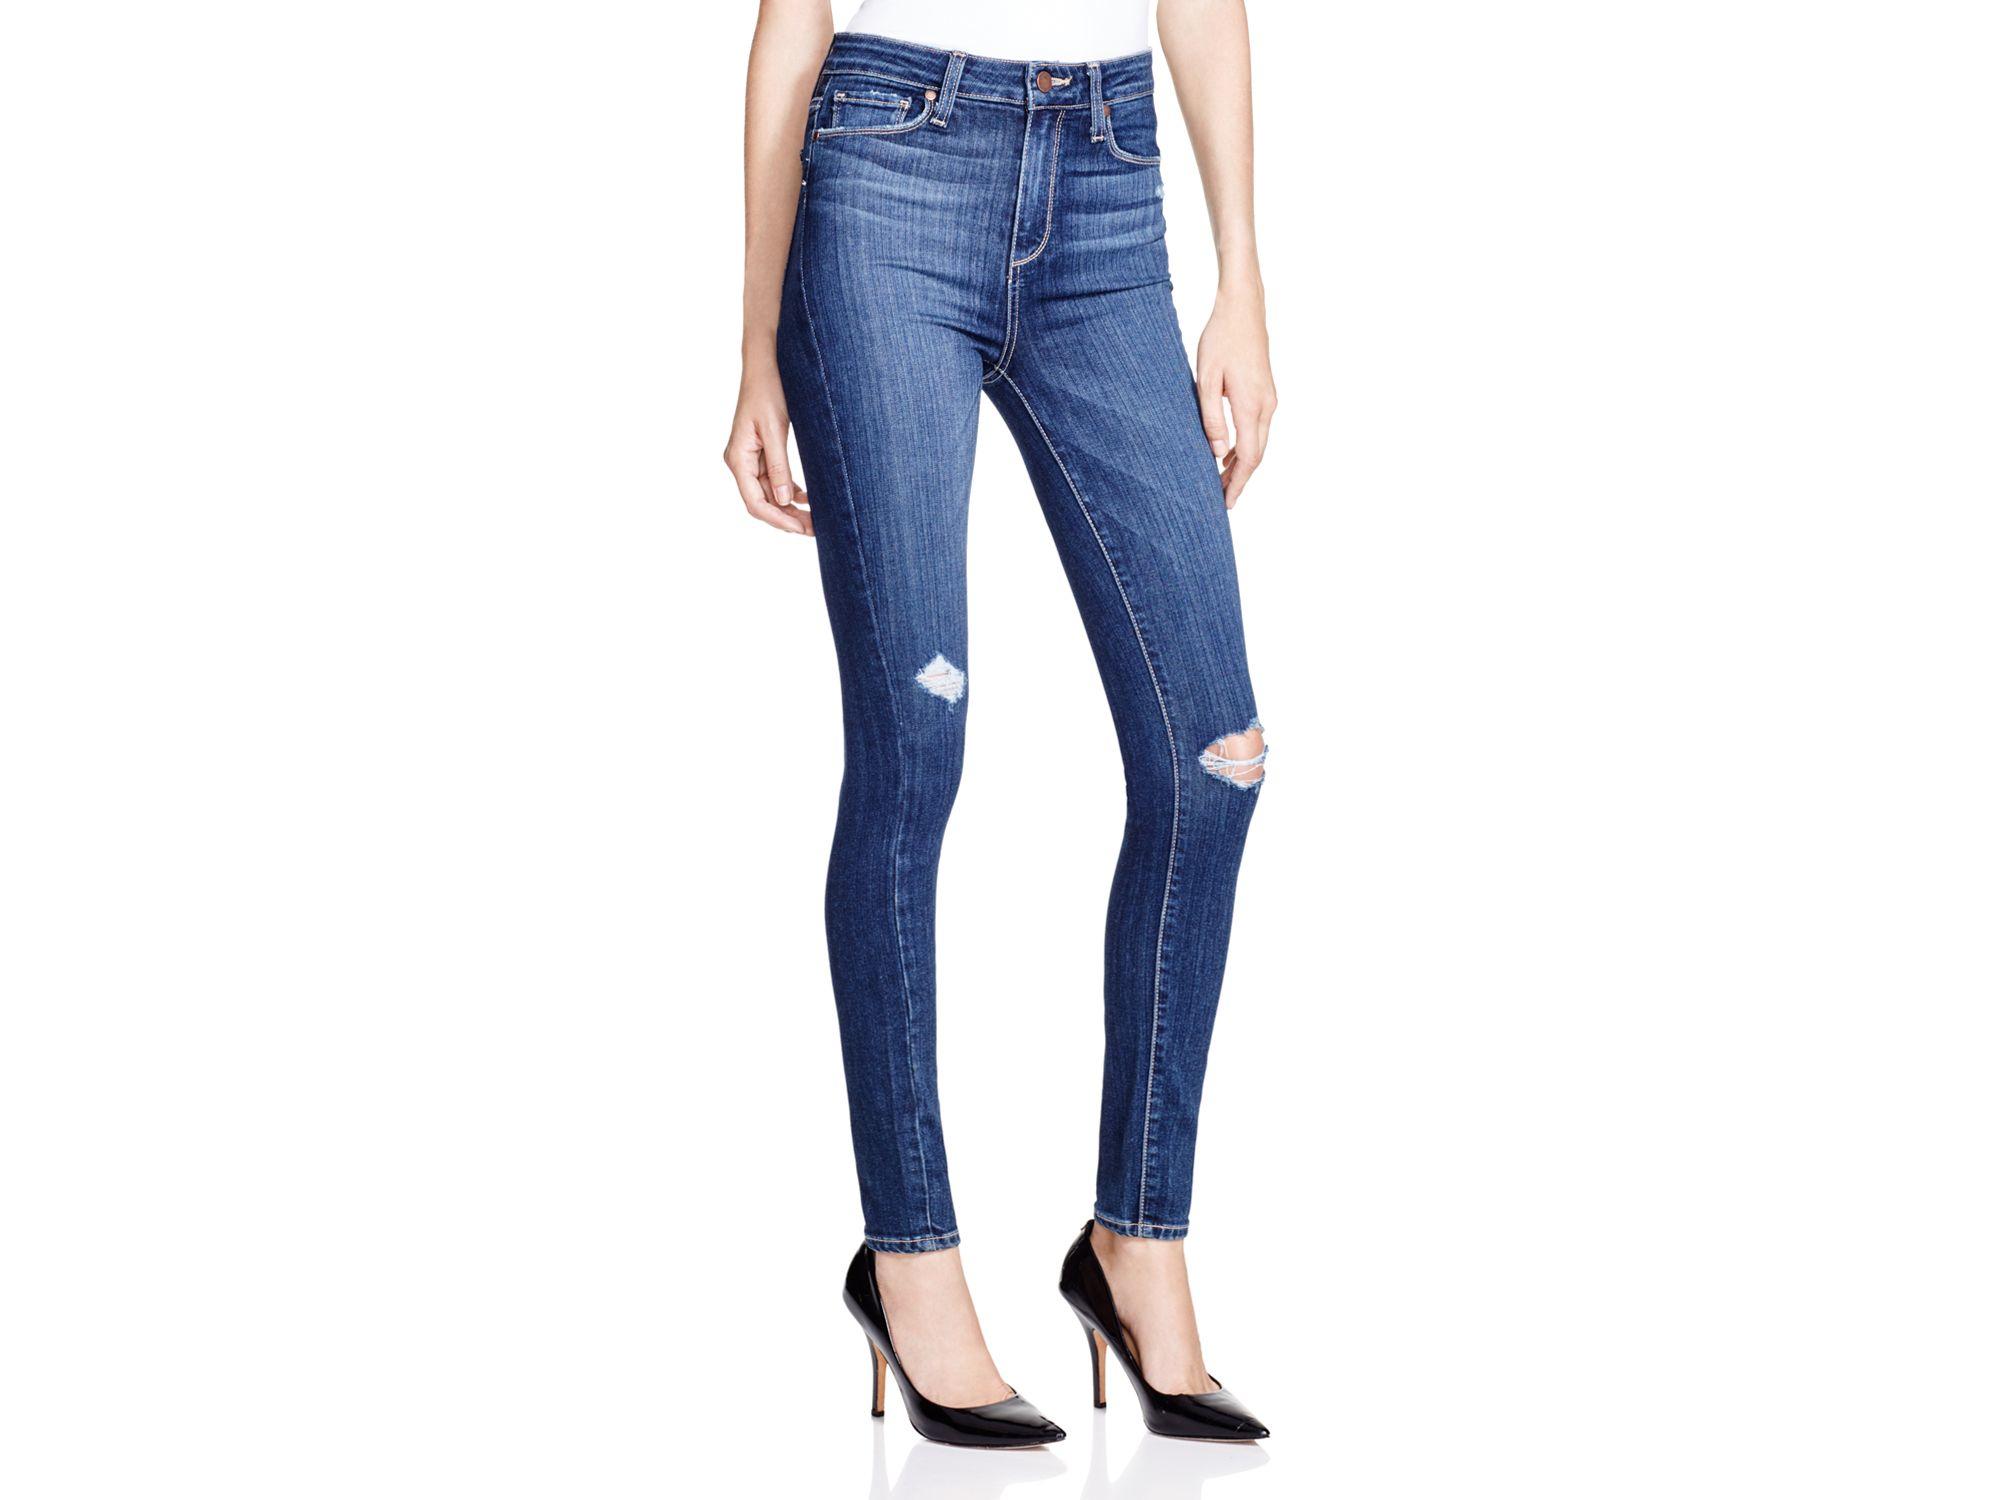 PAIGE Denim Margot Jeans In Elia Destroyed in Blue